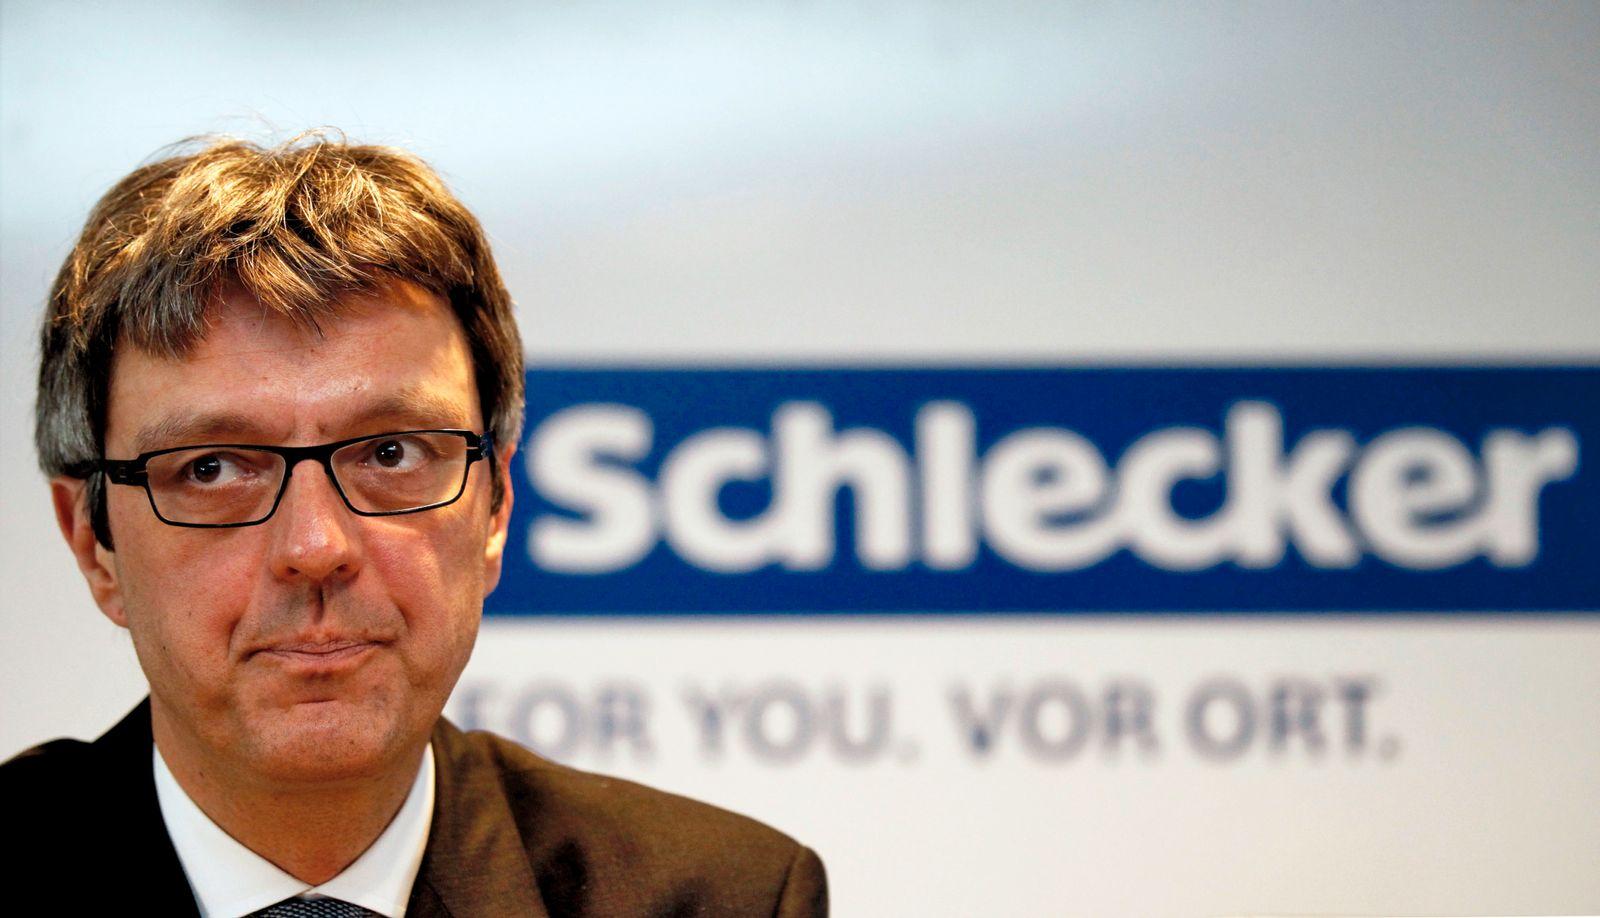 NICHT VERWENDEN Unternehmen/Insolvenzen Schlecker Geiwitz